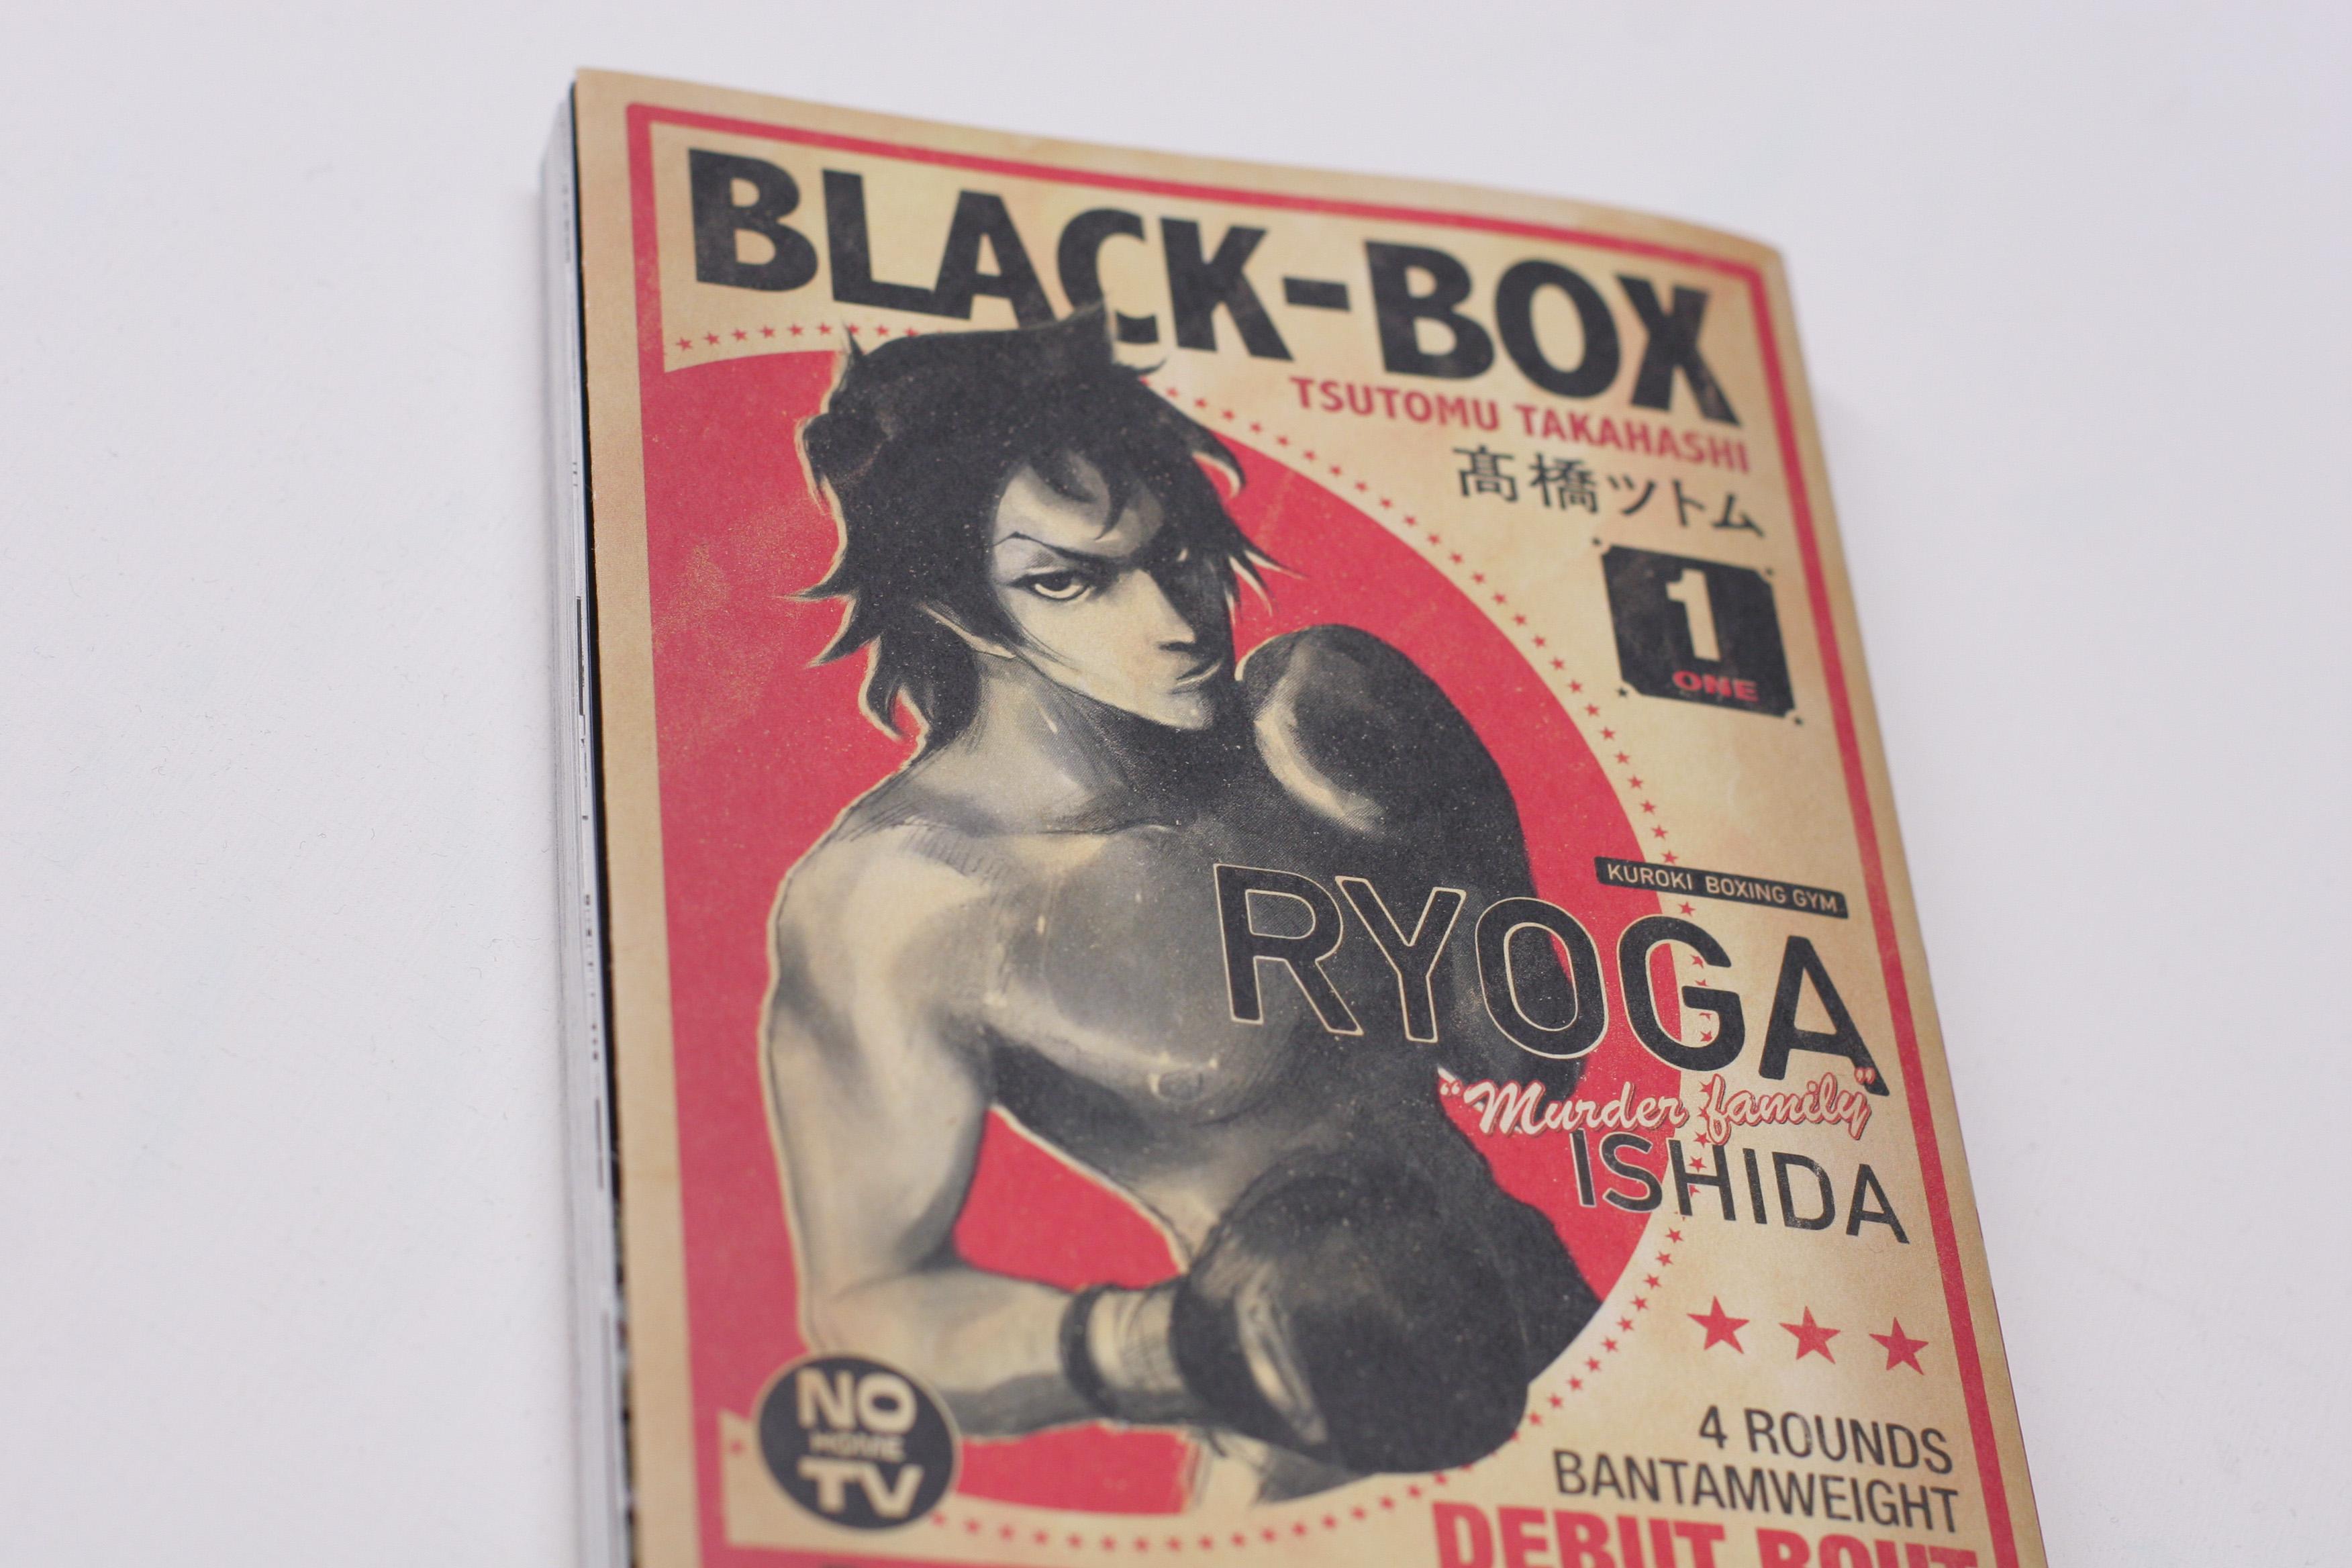 BLAC-BOX/Tsutomu Takahashi